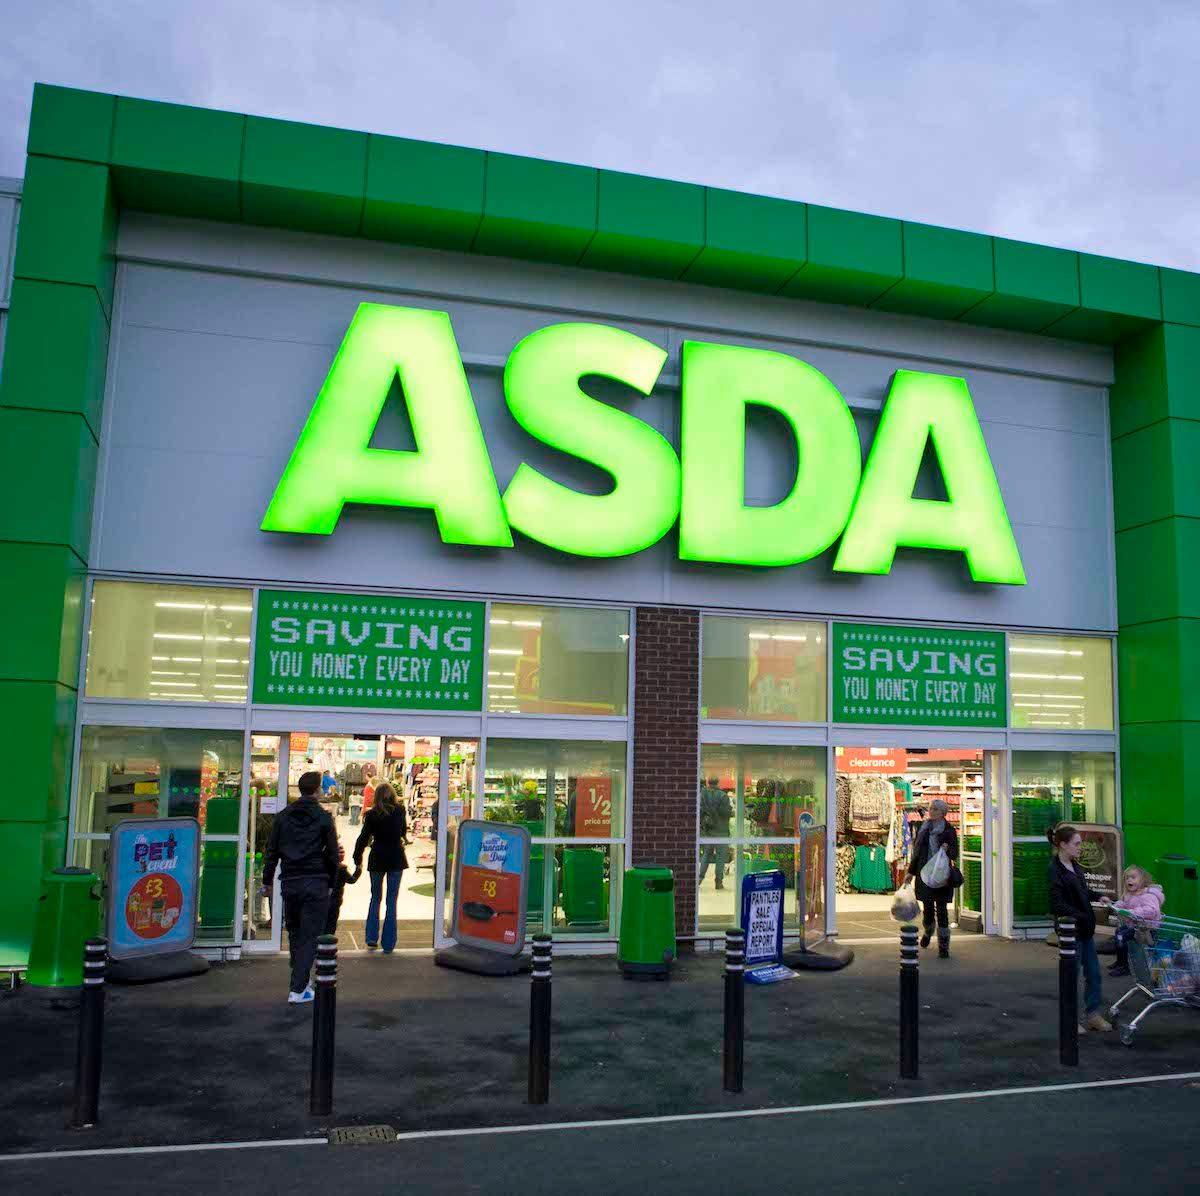 asda storefront uk